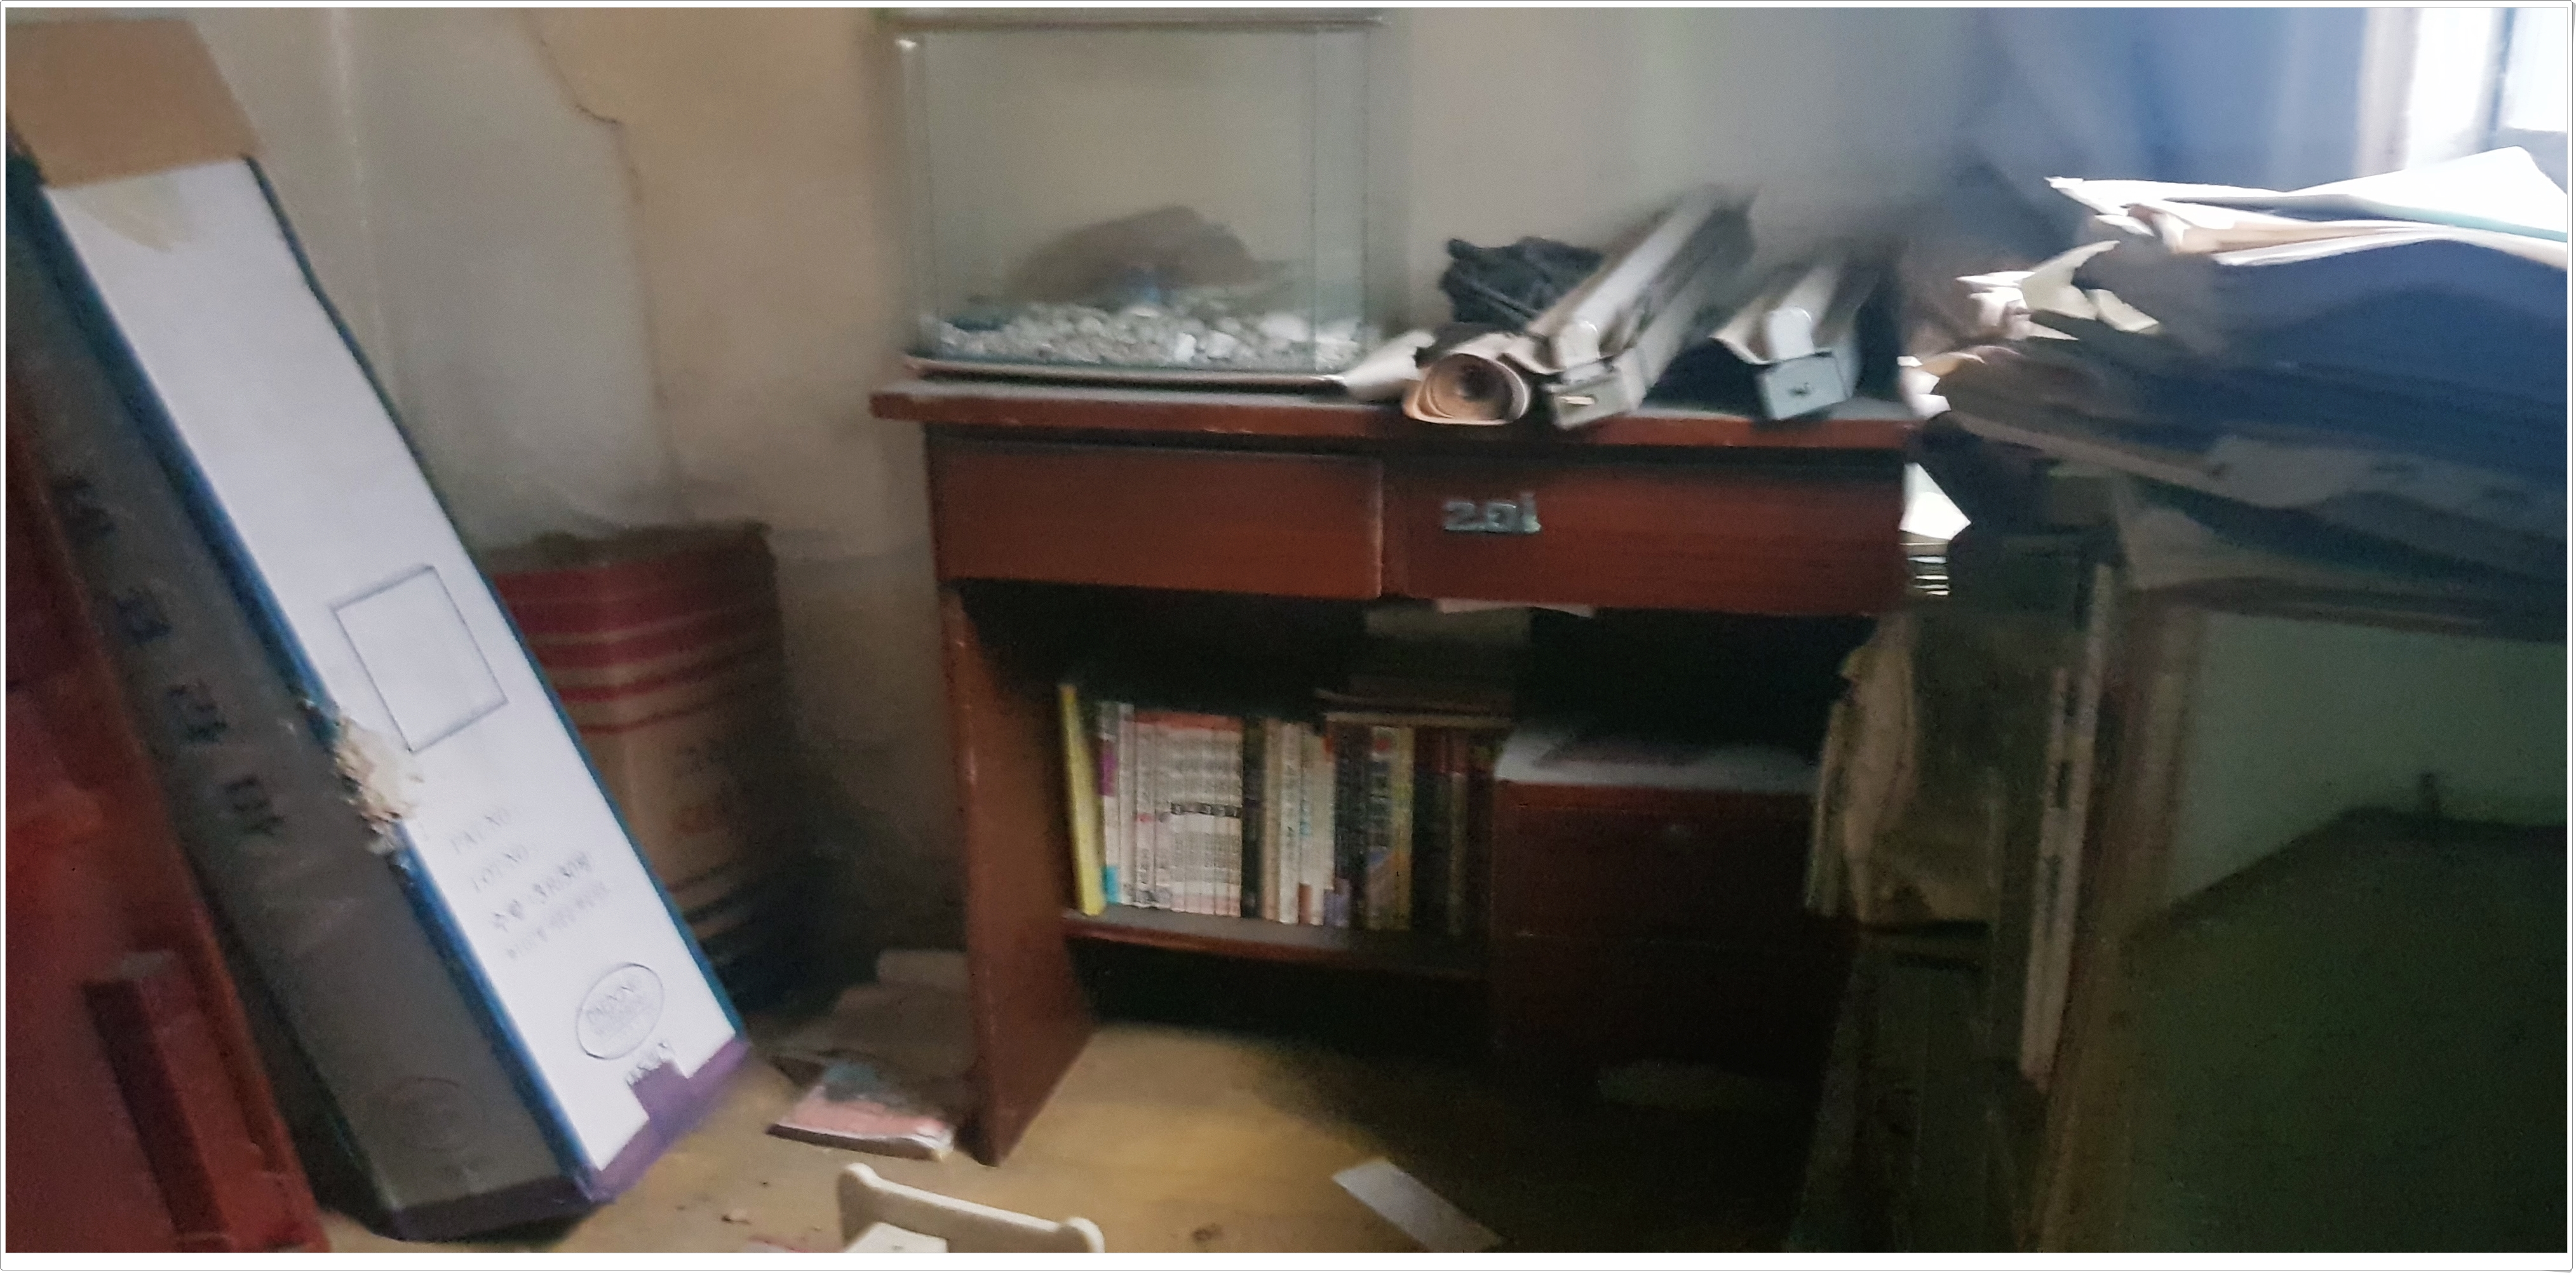 10 번째 사진 단독주택 에  연면적 ㎡ 부산 백양대로 주택 석면조사 현장